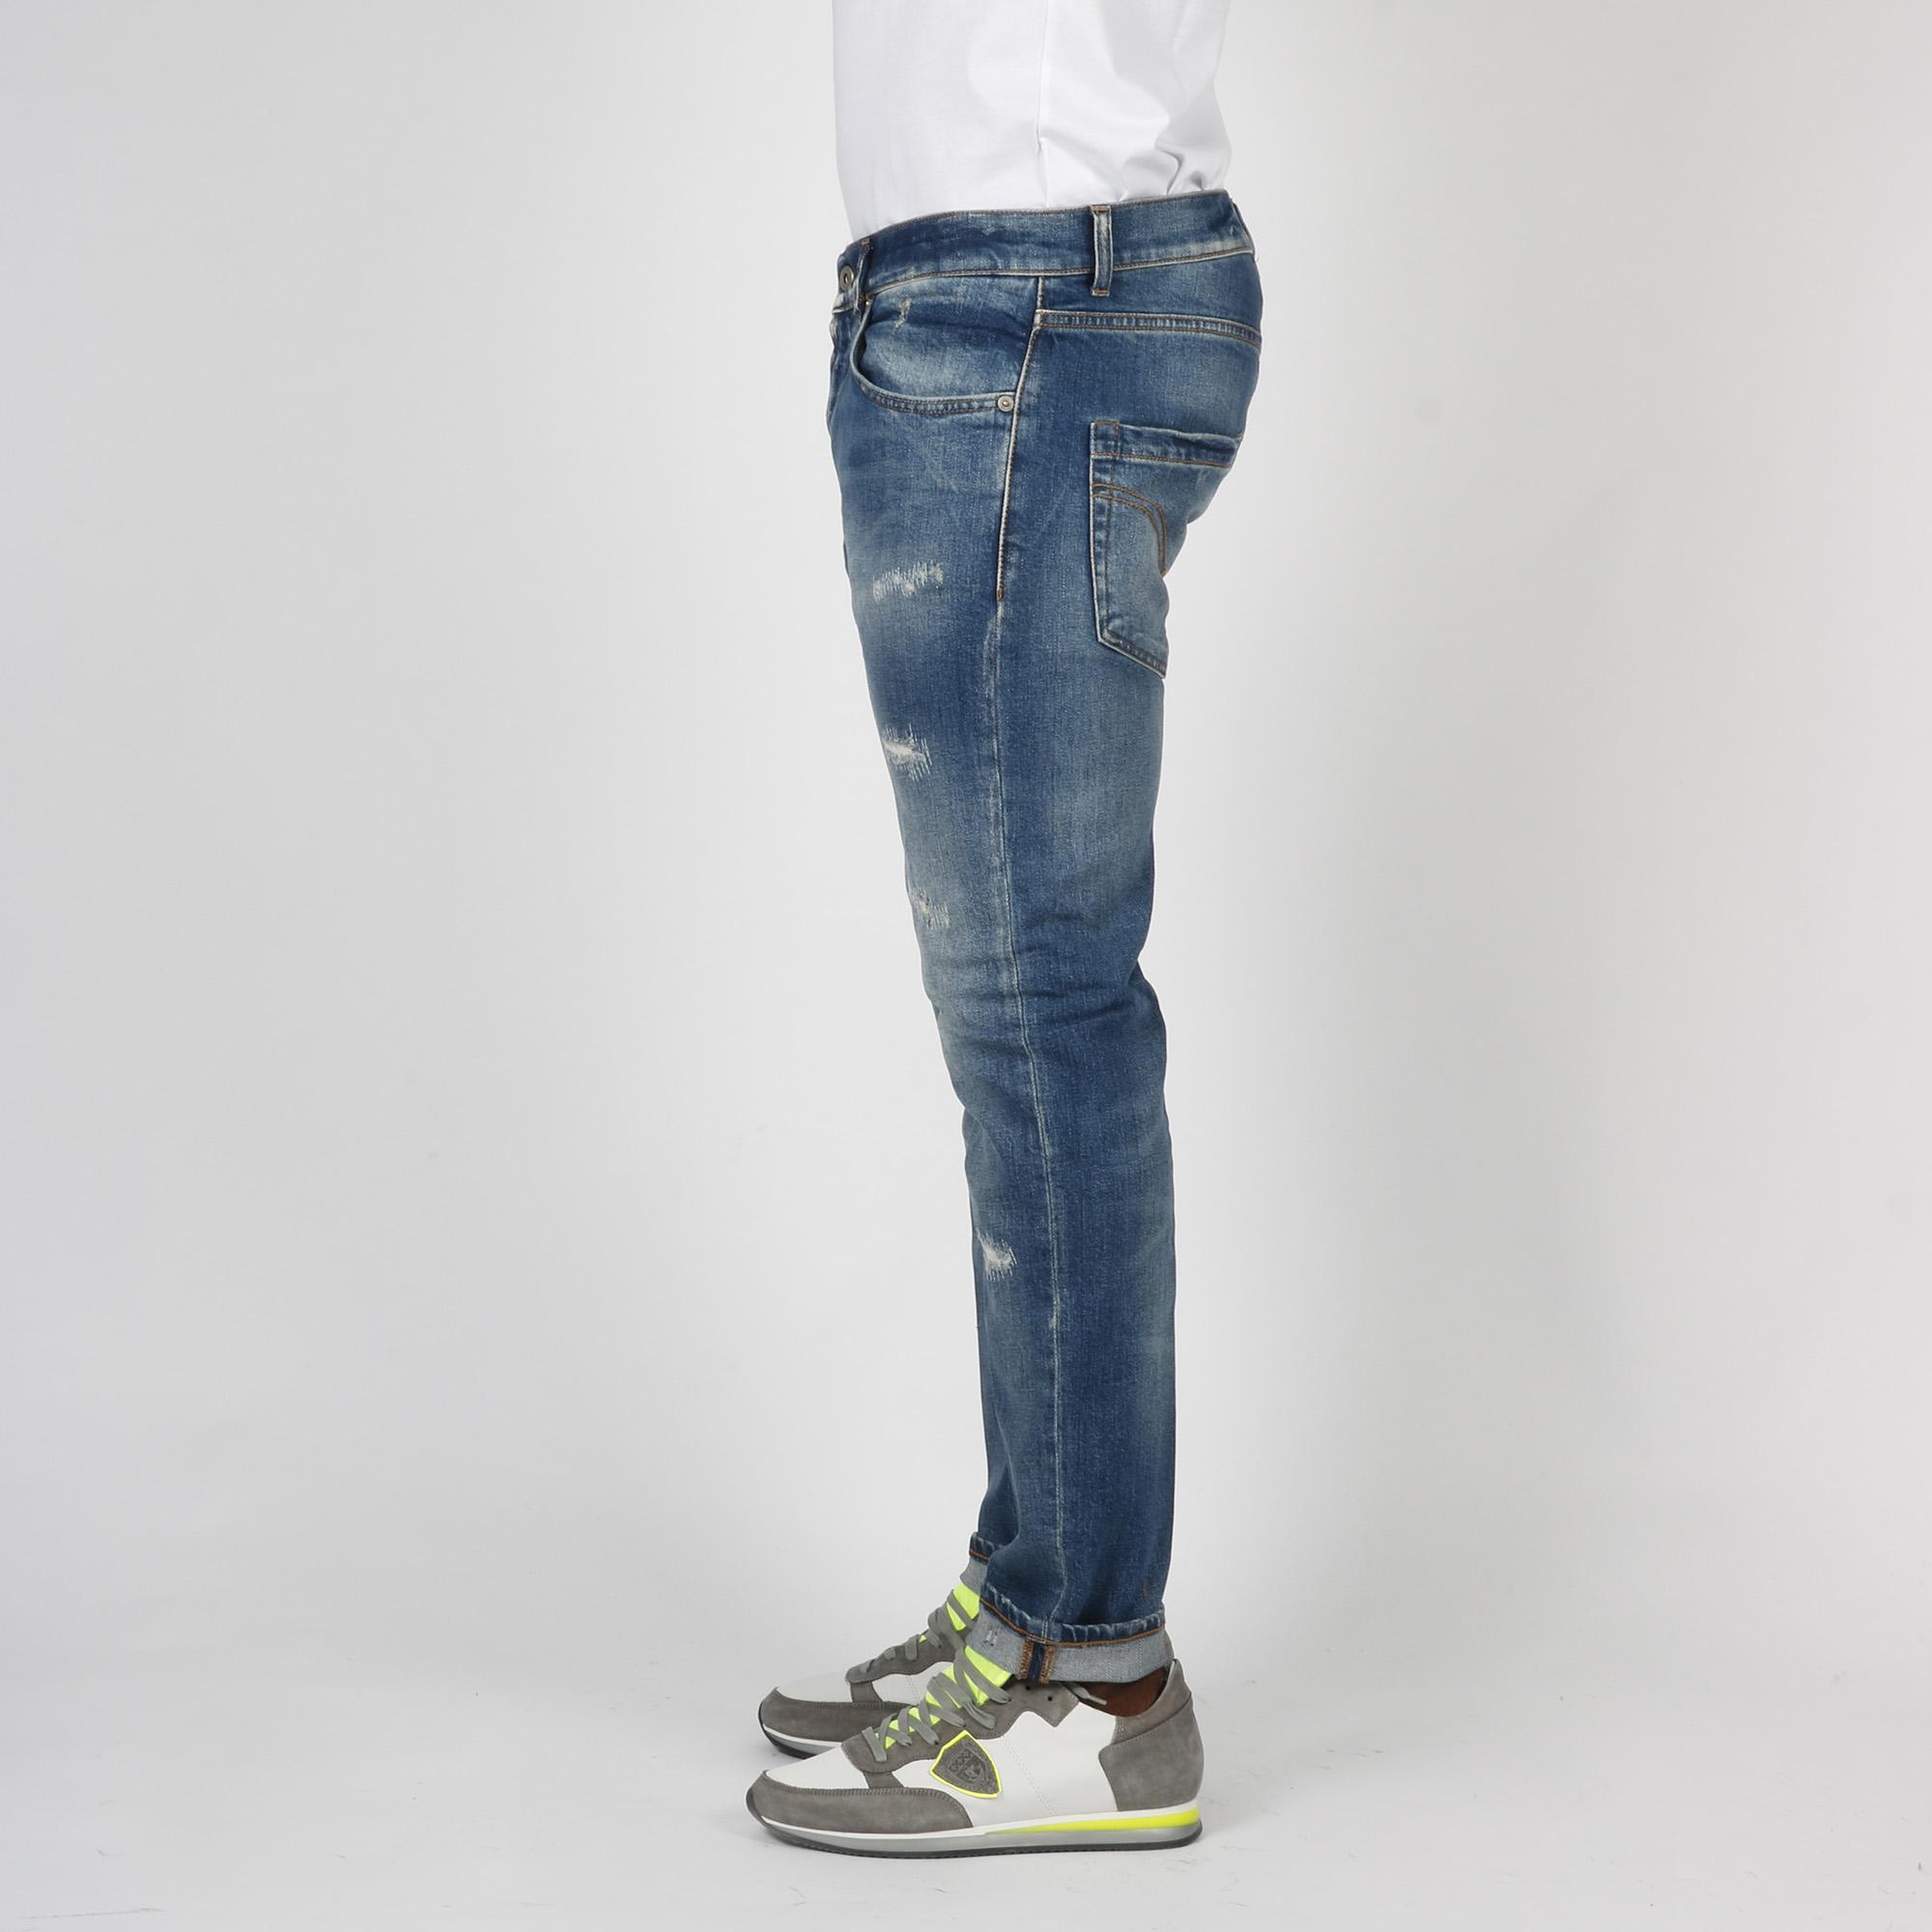 Jeans Mius rotture - Denim chiaro